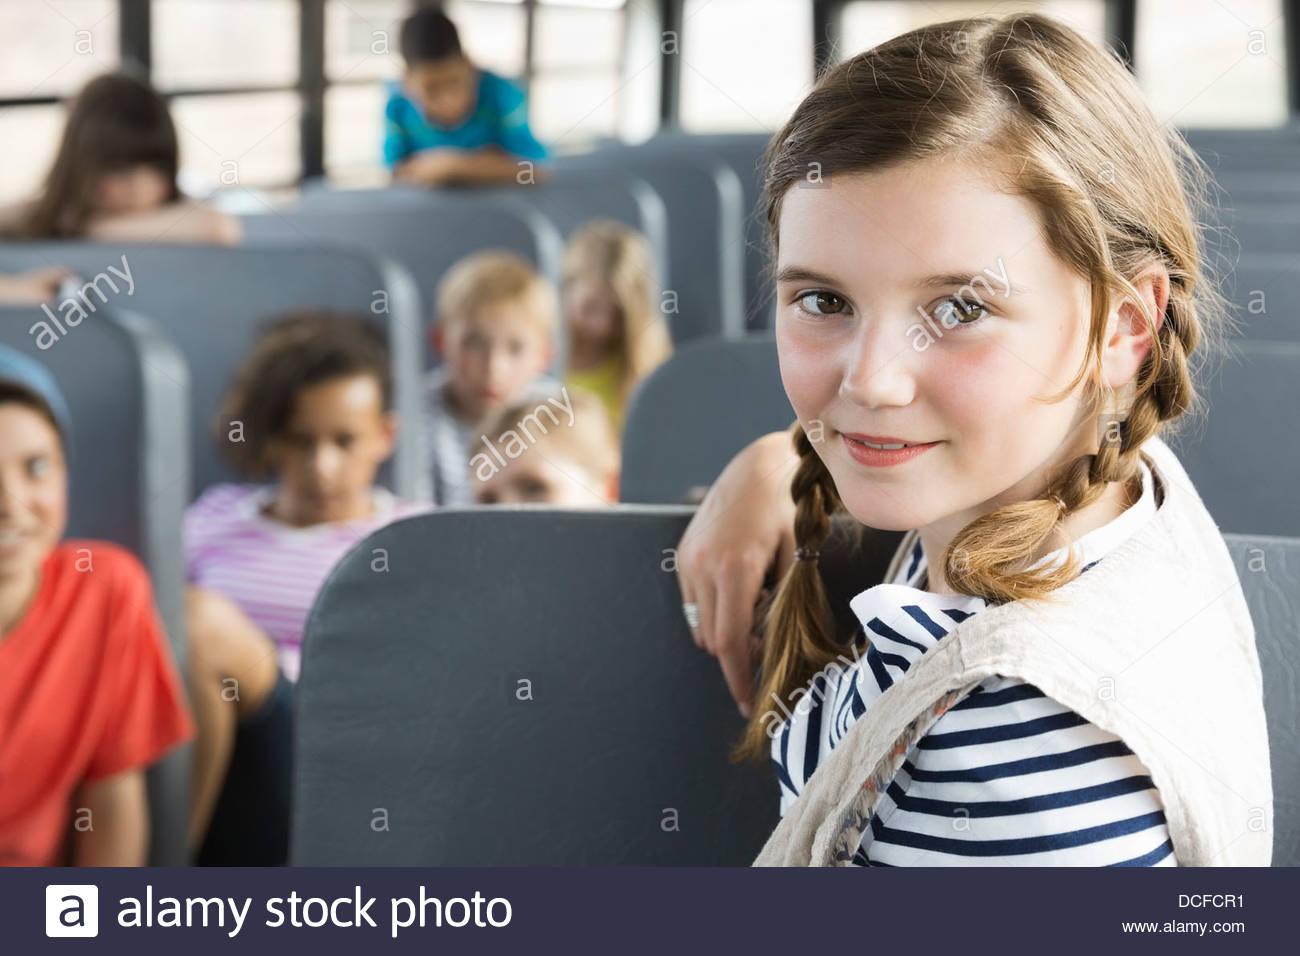 Portrait of cute girl inside school bus - Stock Image